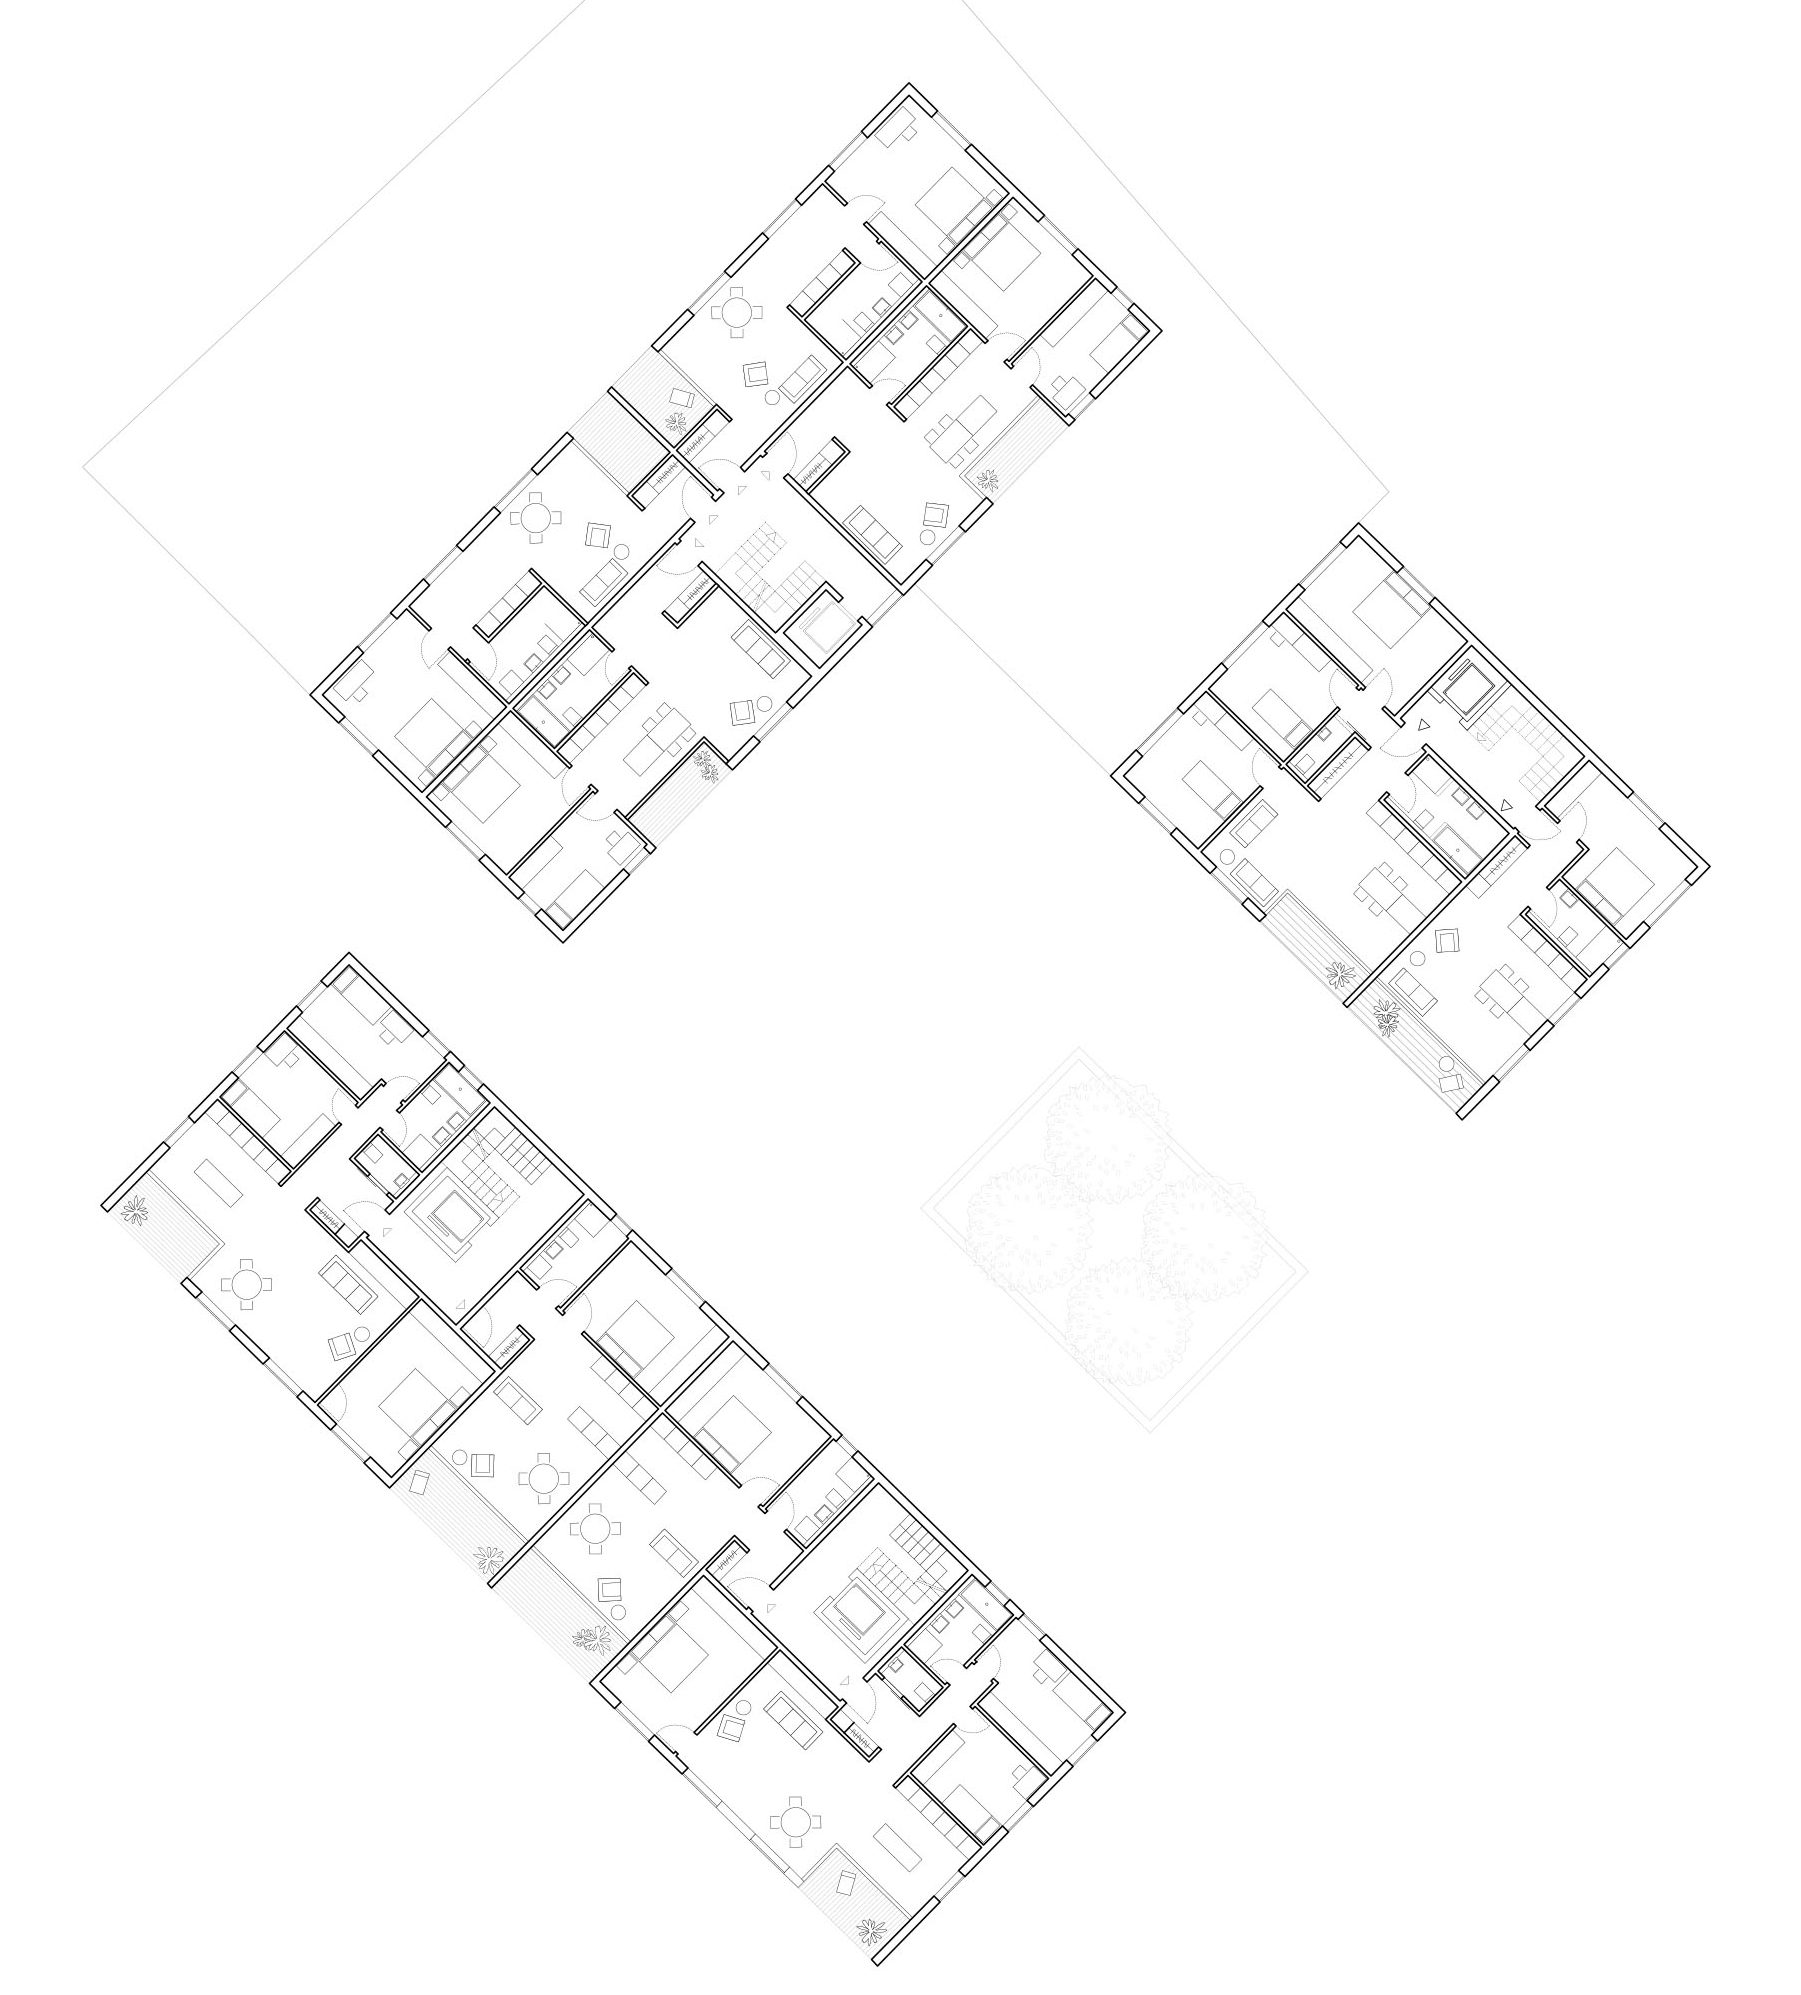 Grundrisse-Platz-OG2-e1493637990518